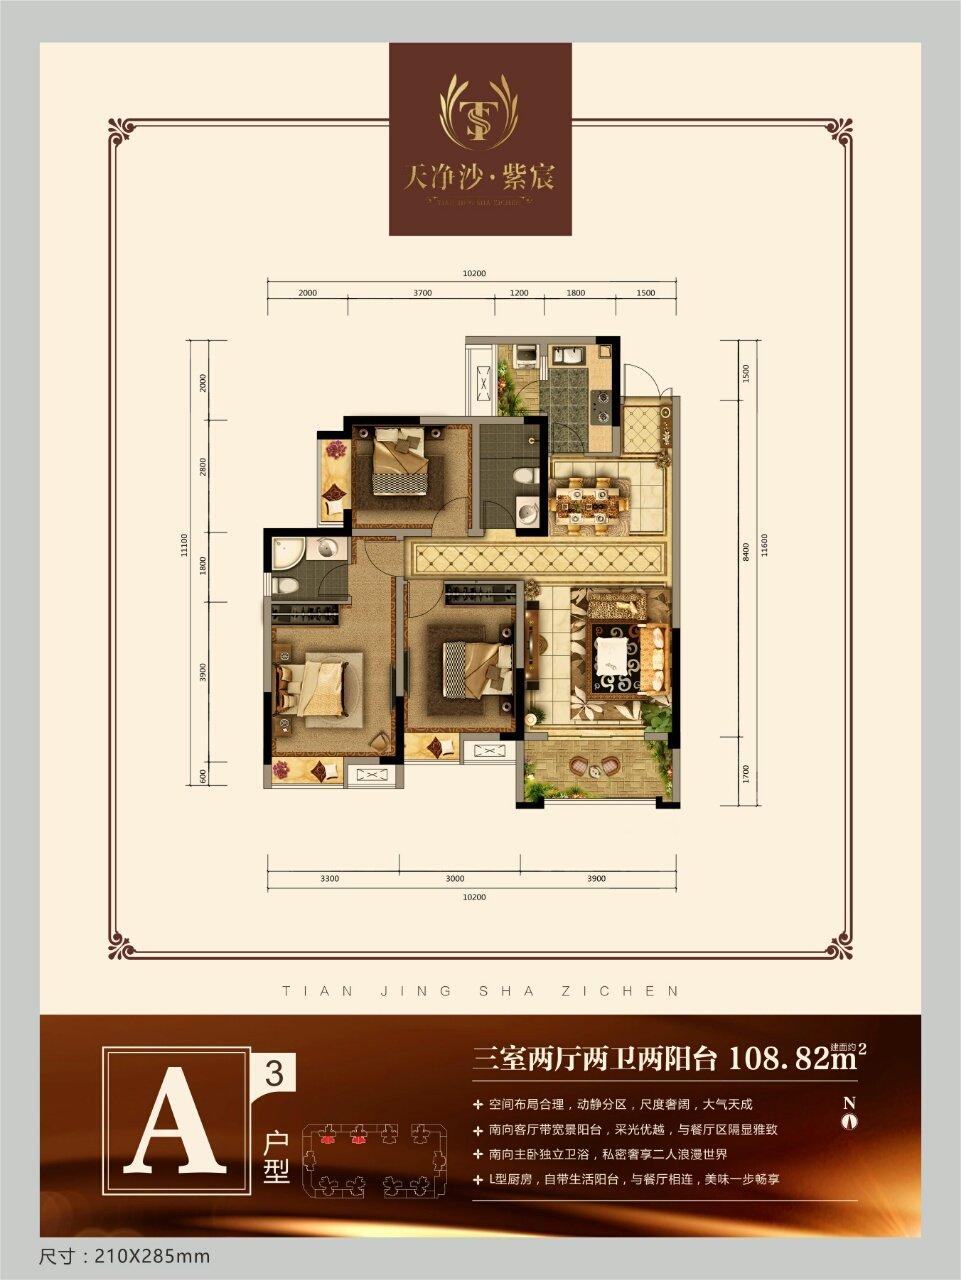 A3戶型 3房2廳2衛 建筑面積108.82㎡